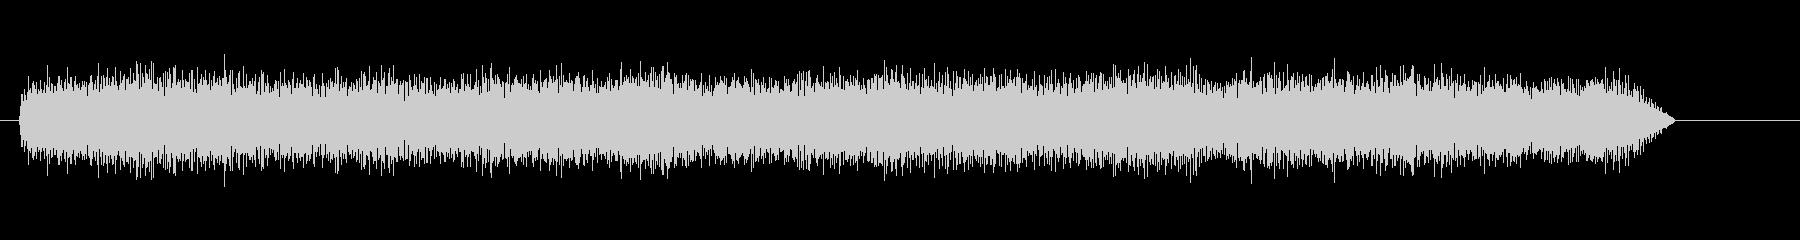 ドローン電子調音ドローンの未再生の波形